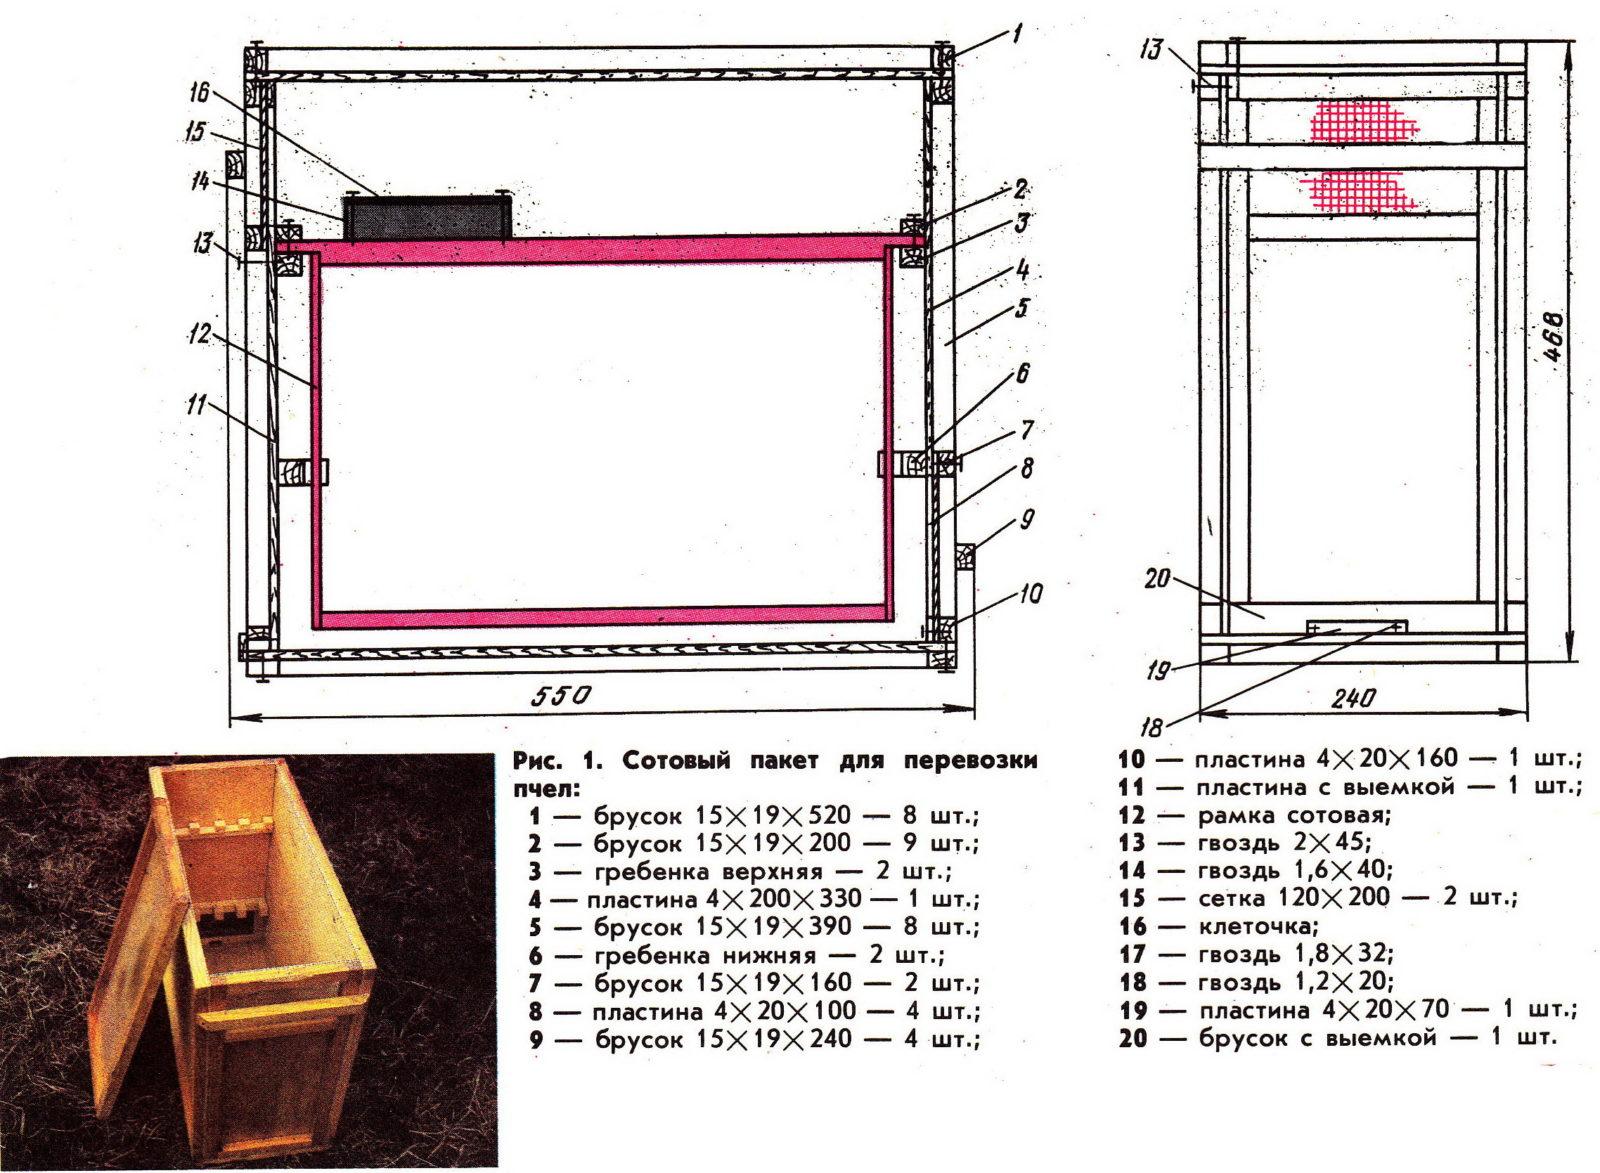 четырехрамочный пакет для пересылки пчел